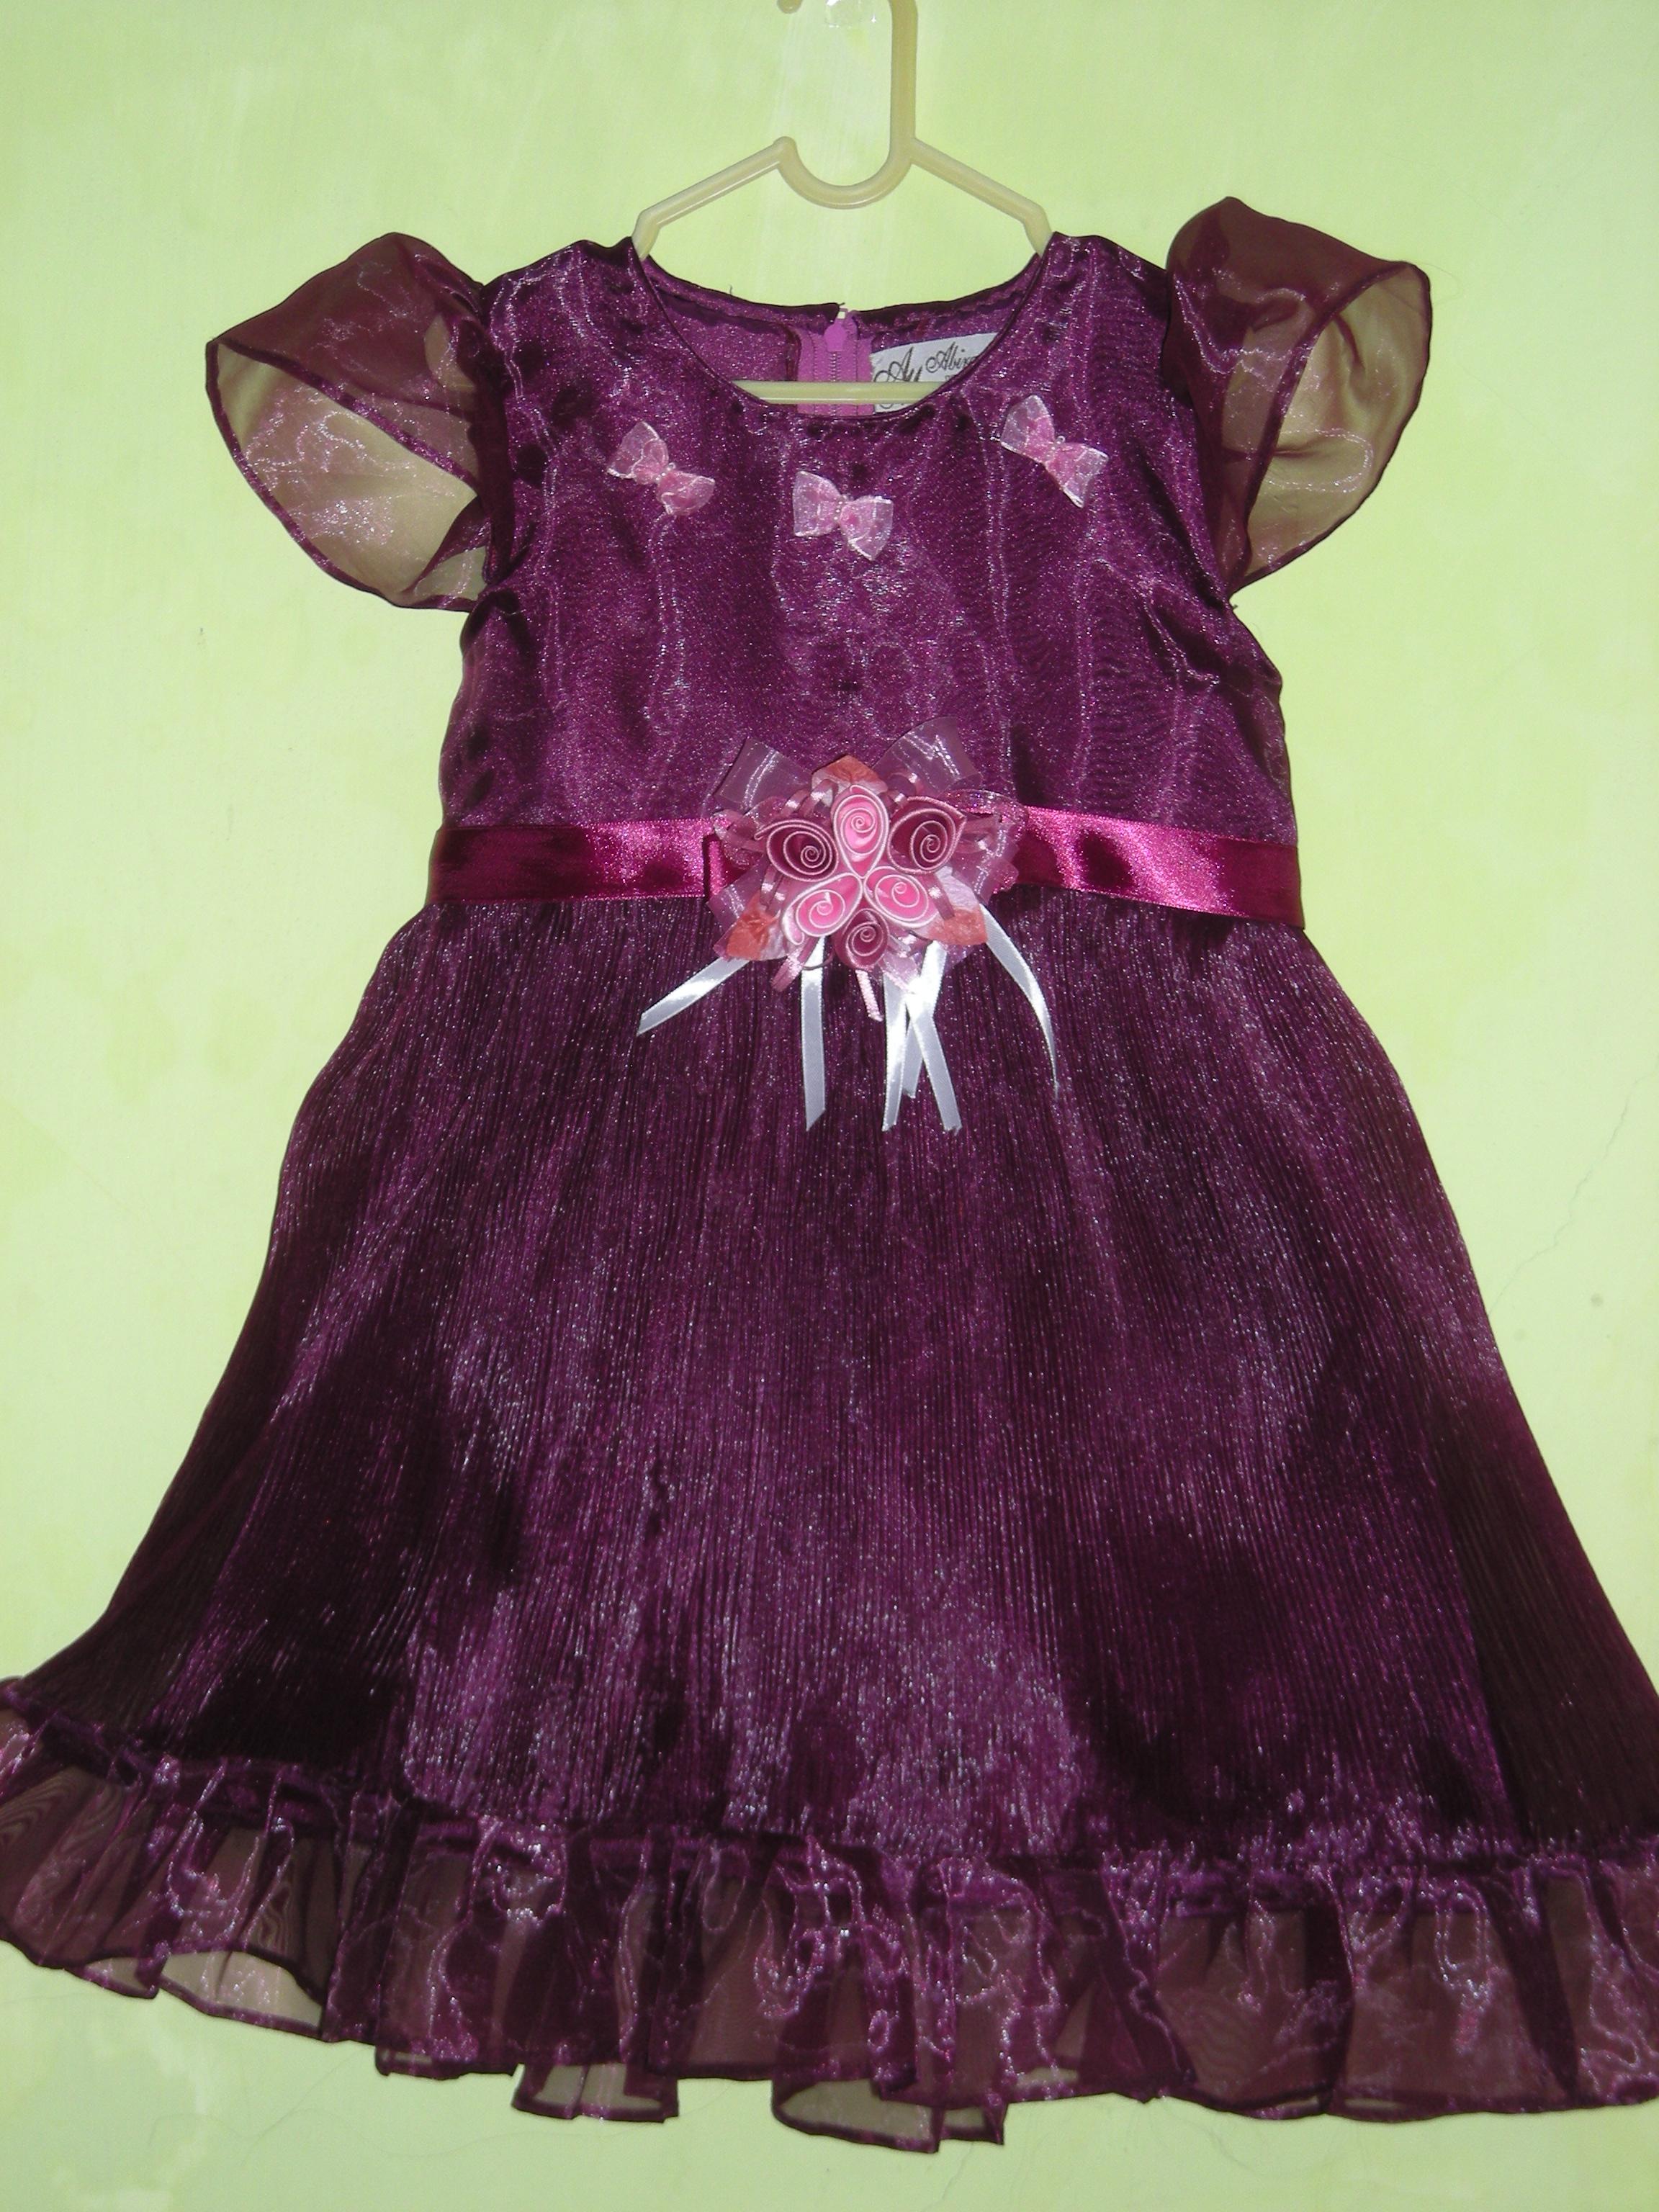 Baju Pesta Anak 01 Ibu Ira 0811254451 Butik Baju Pesta Anak